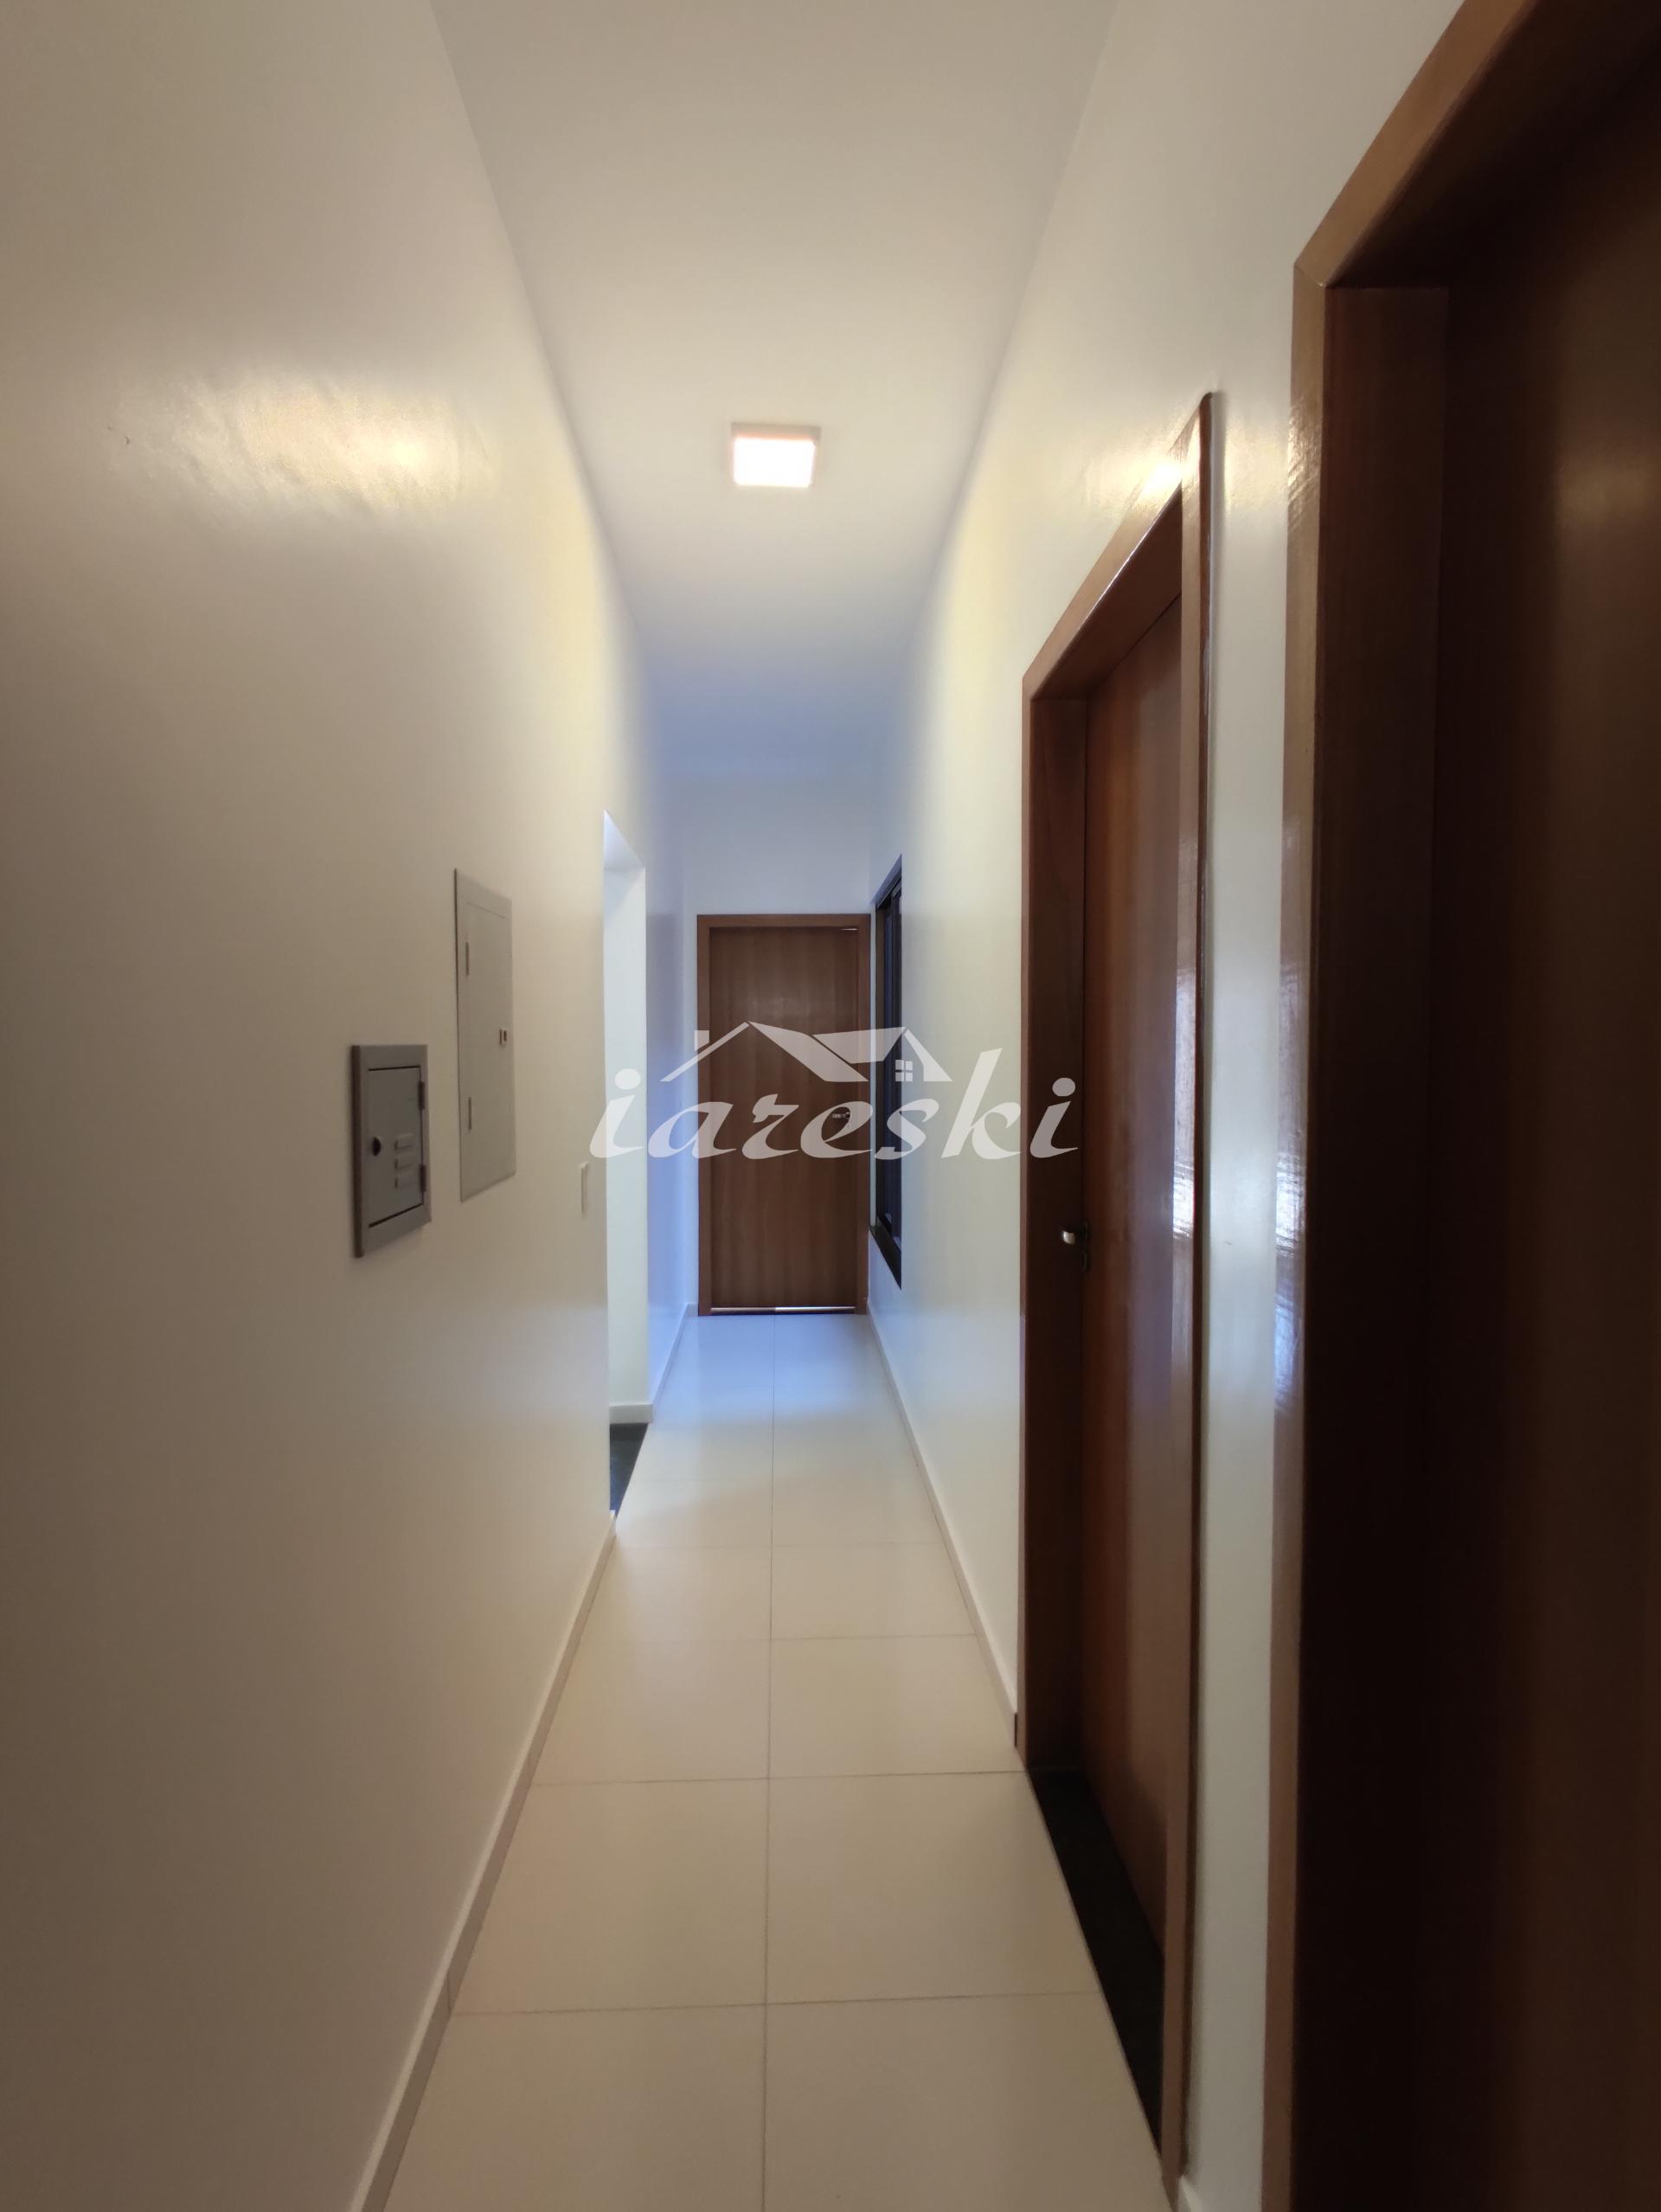 Casa com 3 dormitórios para locação no Jardim Alice em Foz do Iguaçu/PR